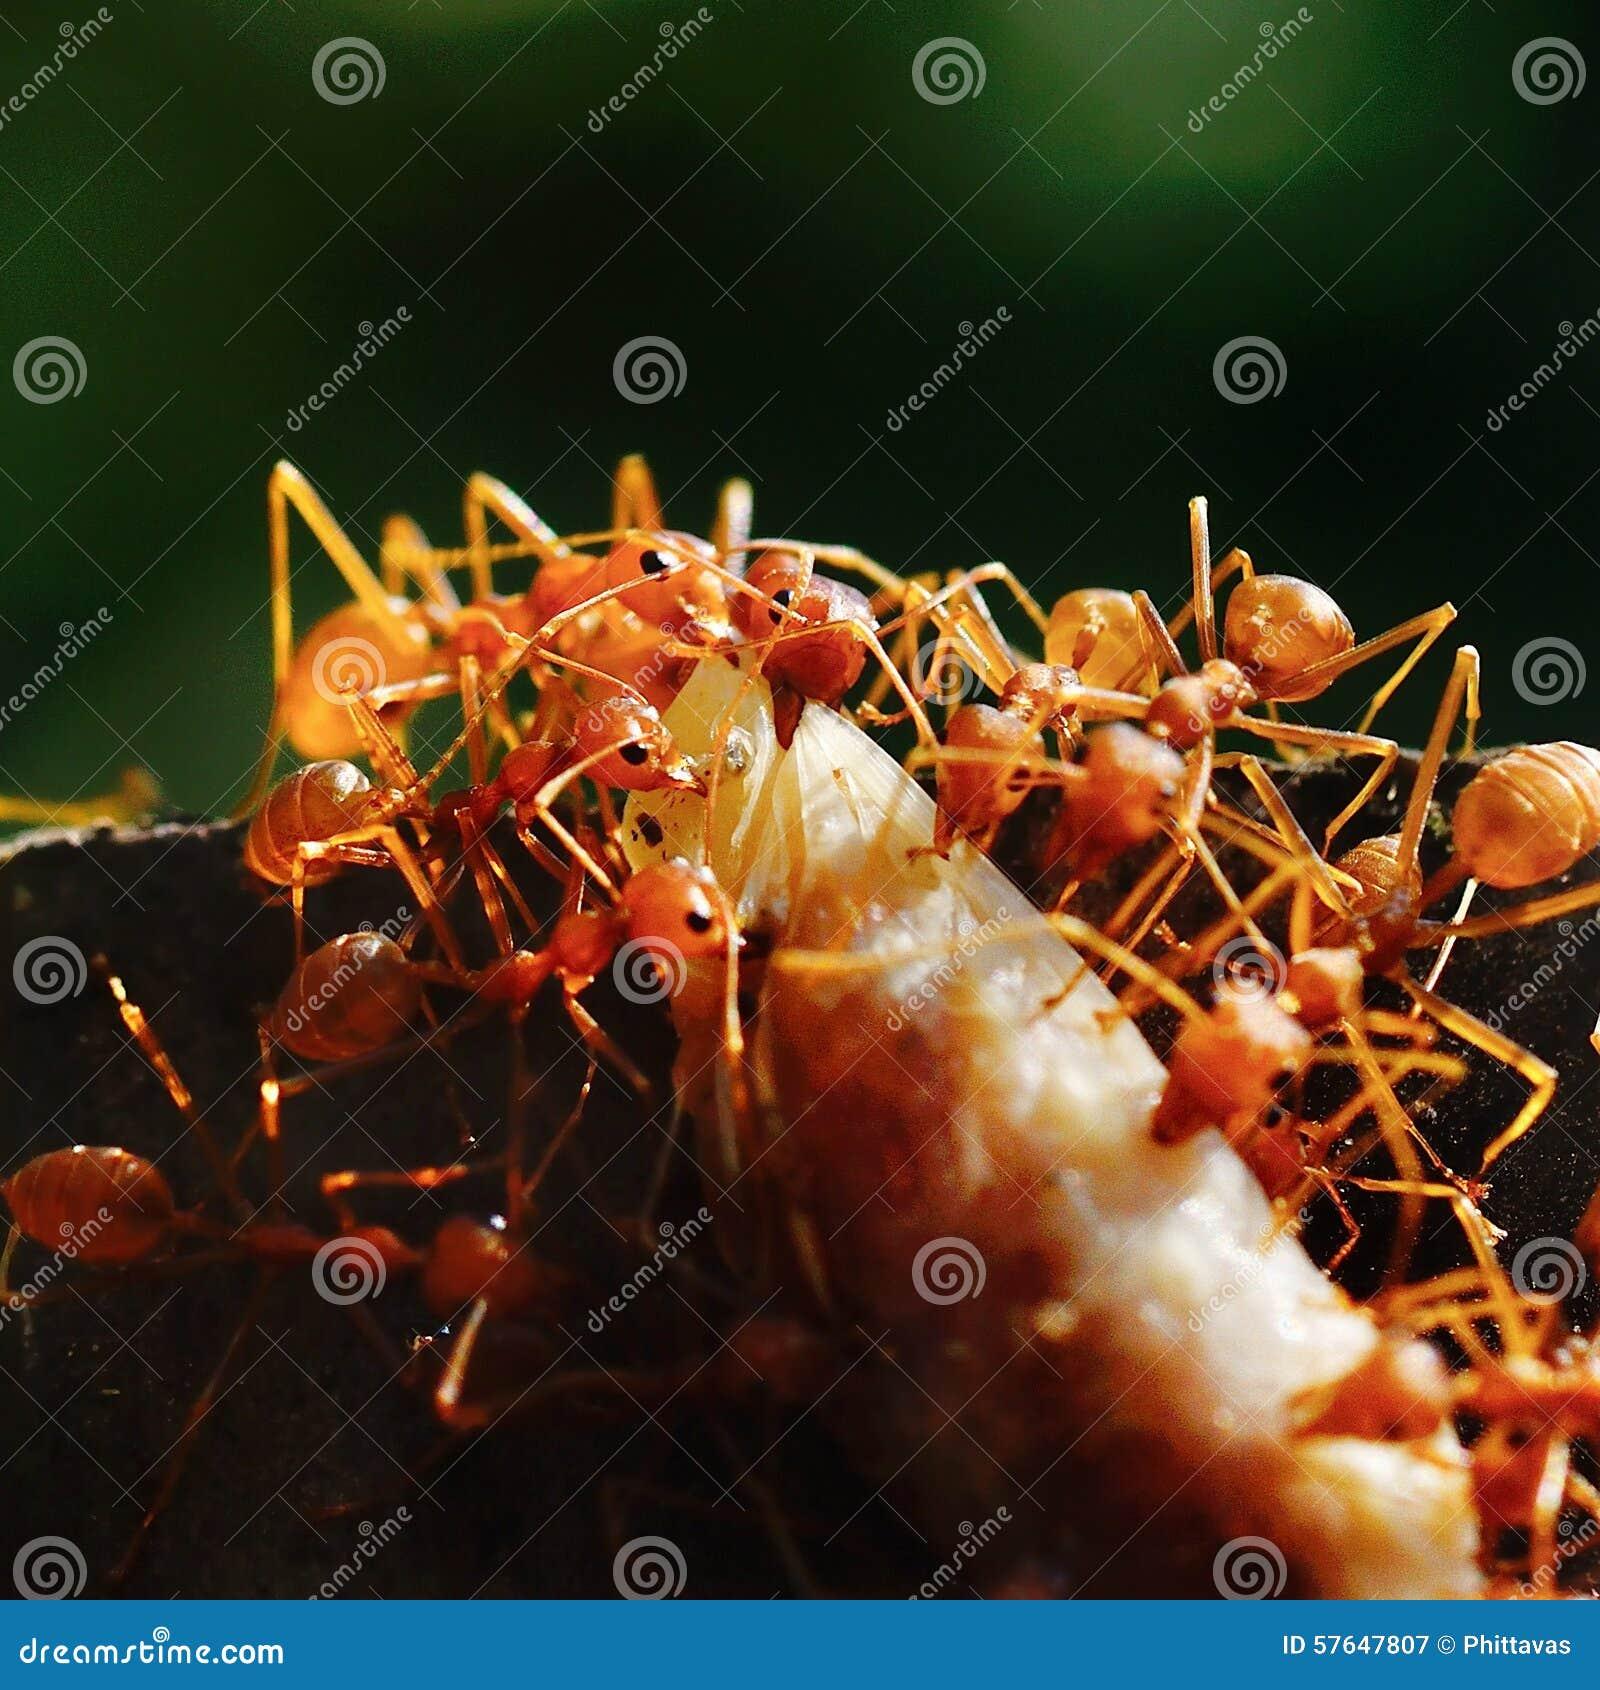 蚂蚁搬入一些蚂蚁性情的巢.哪种食物蜥蜴温顺图片